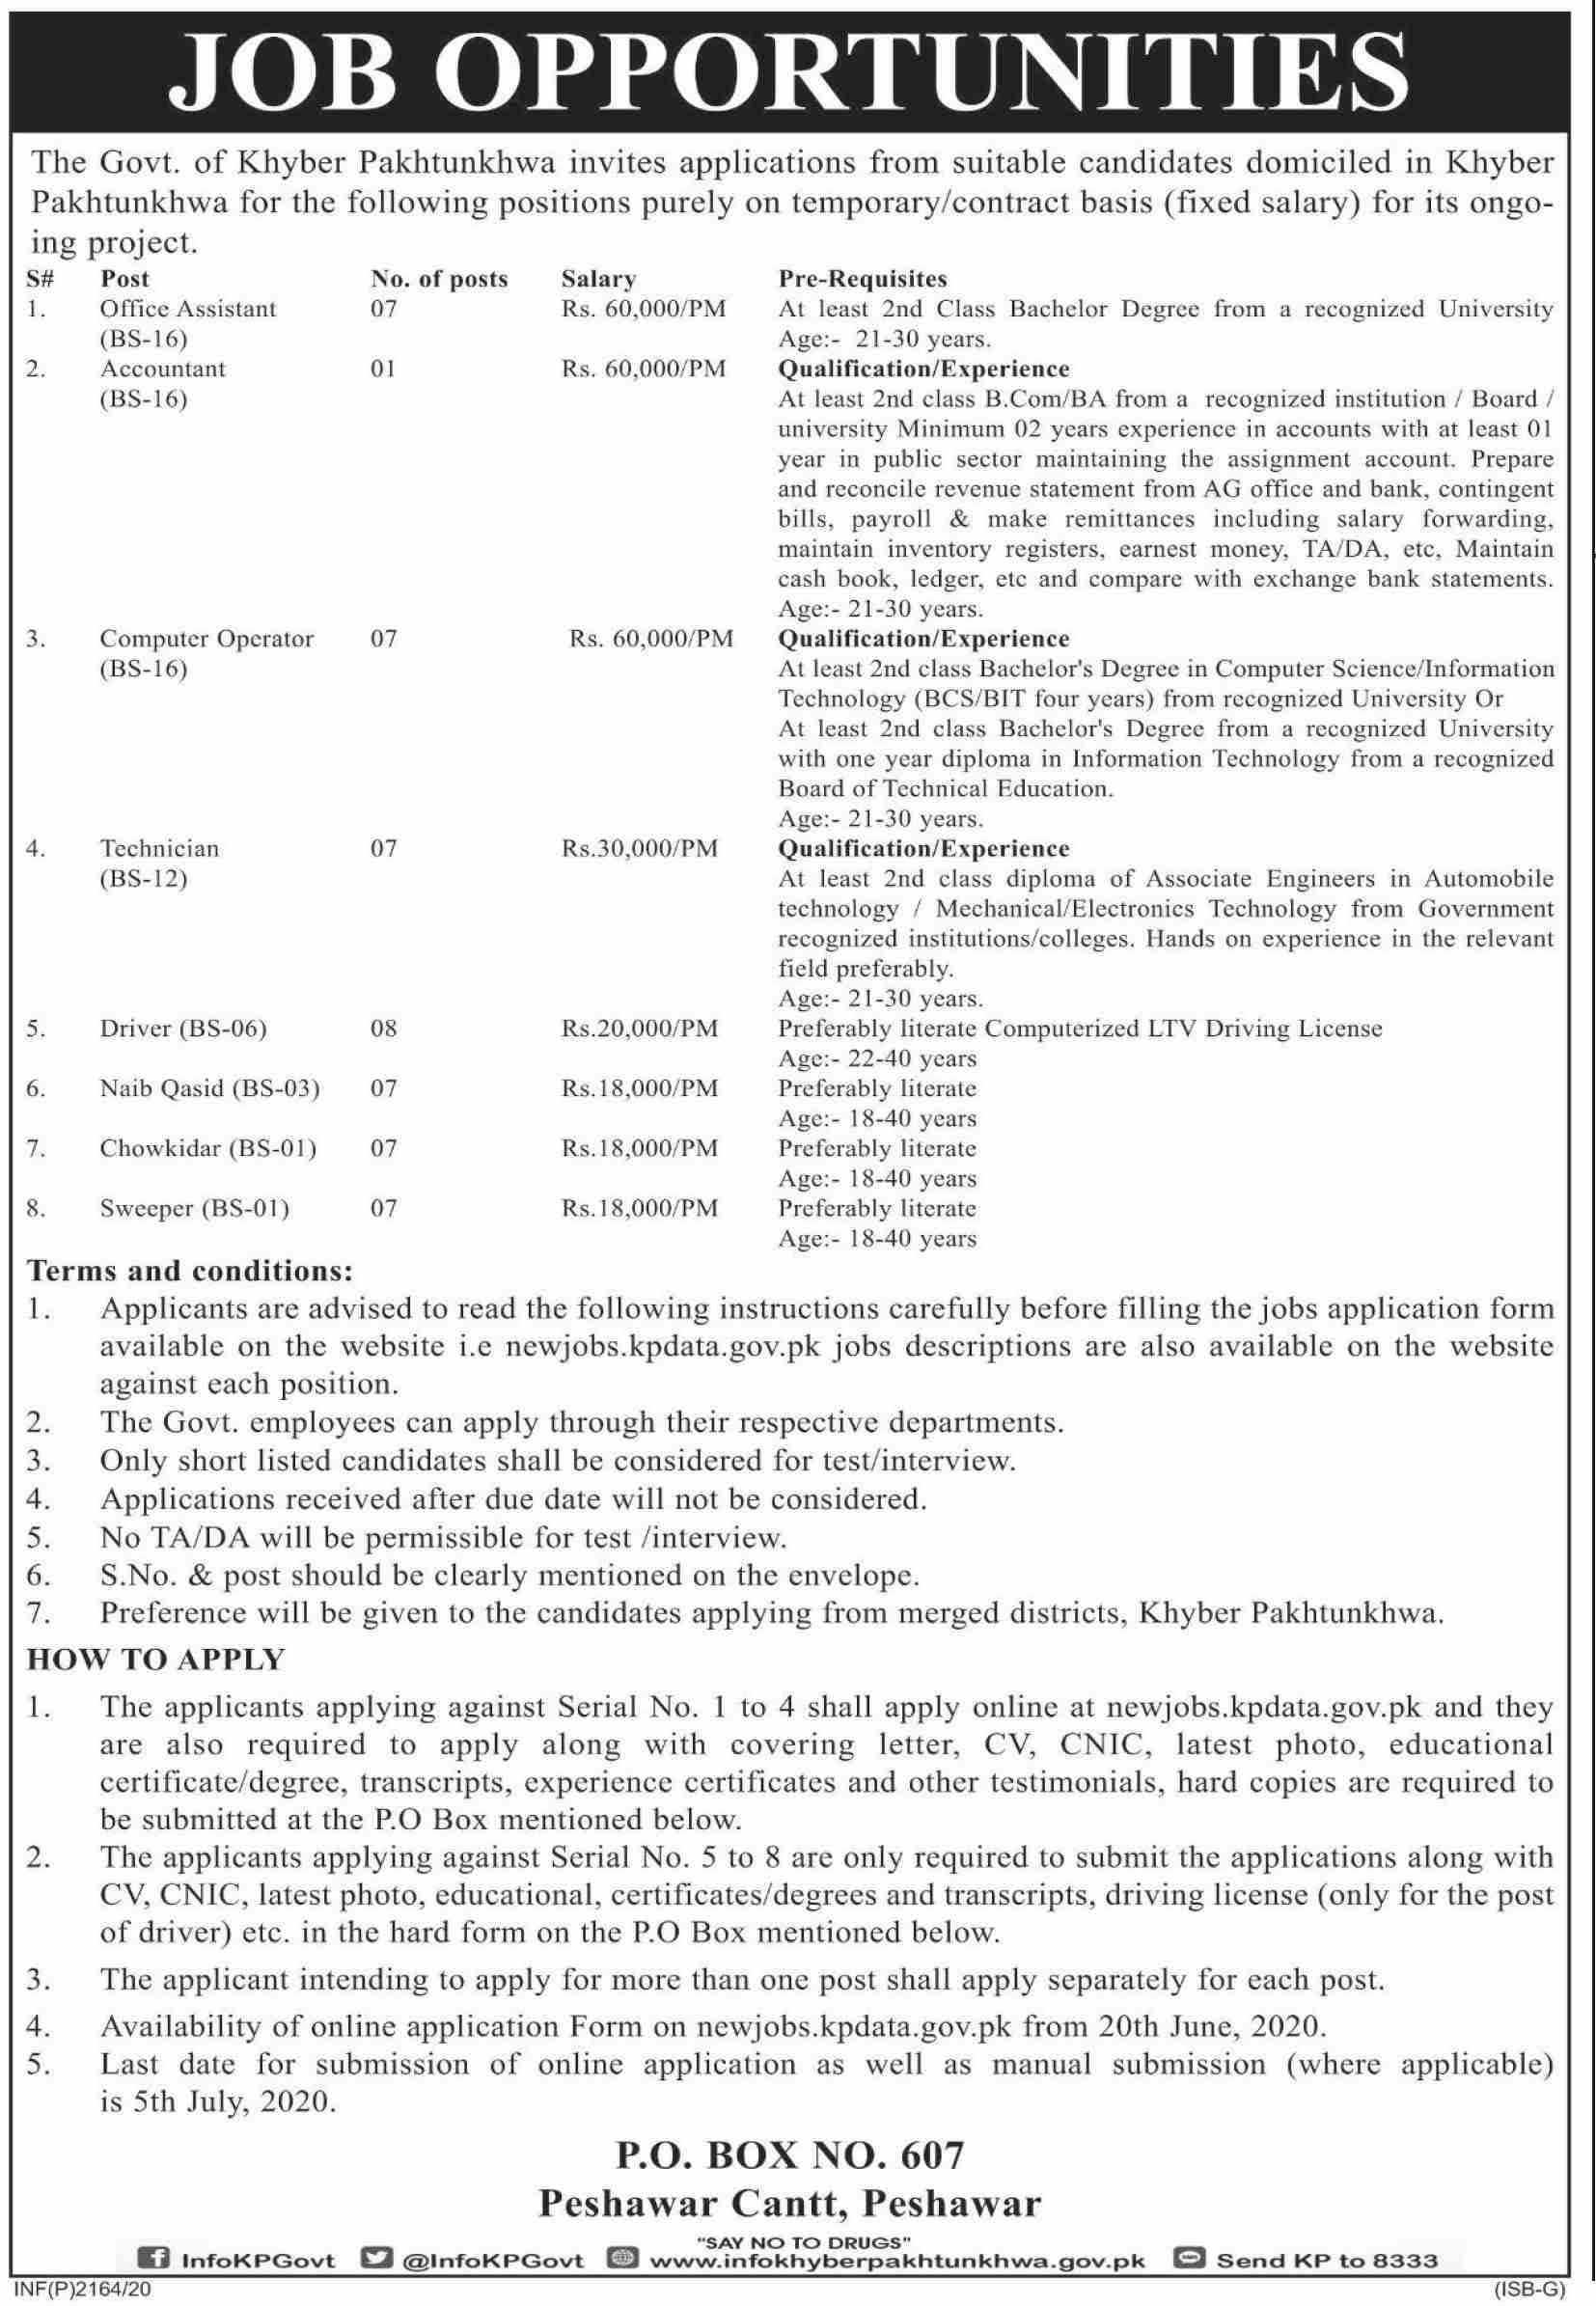 Govt Jobs in Khyber Pakhtunkhwa